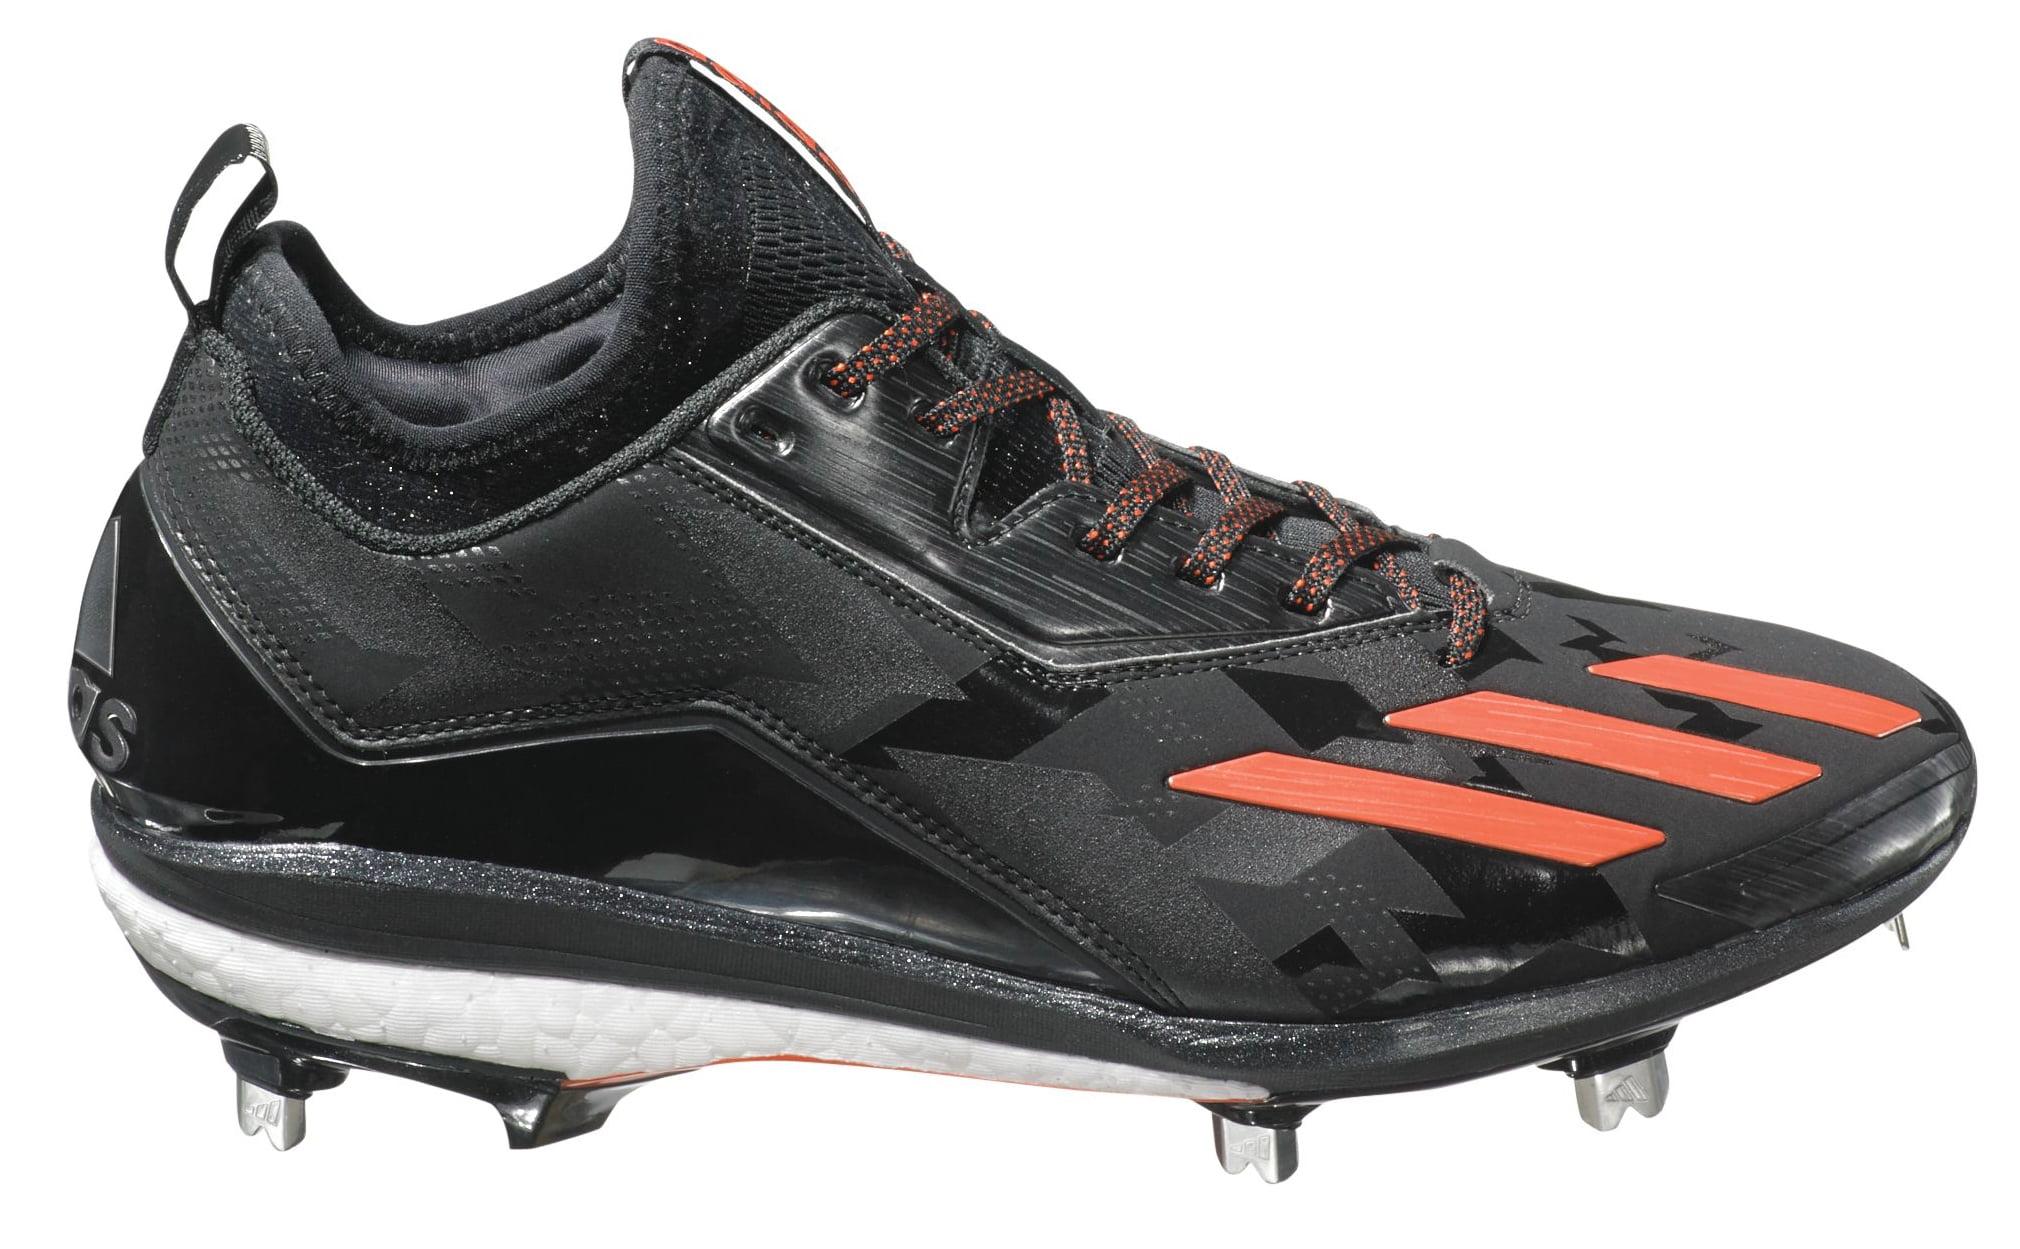 1ee042c81 adidas Men s Boost ICON 2.0 Metal Baseball Cleats - Walmart.com